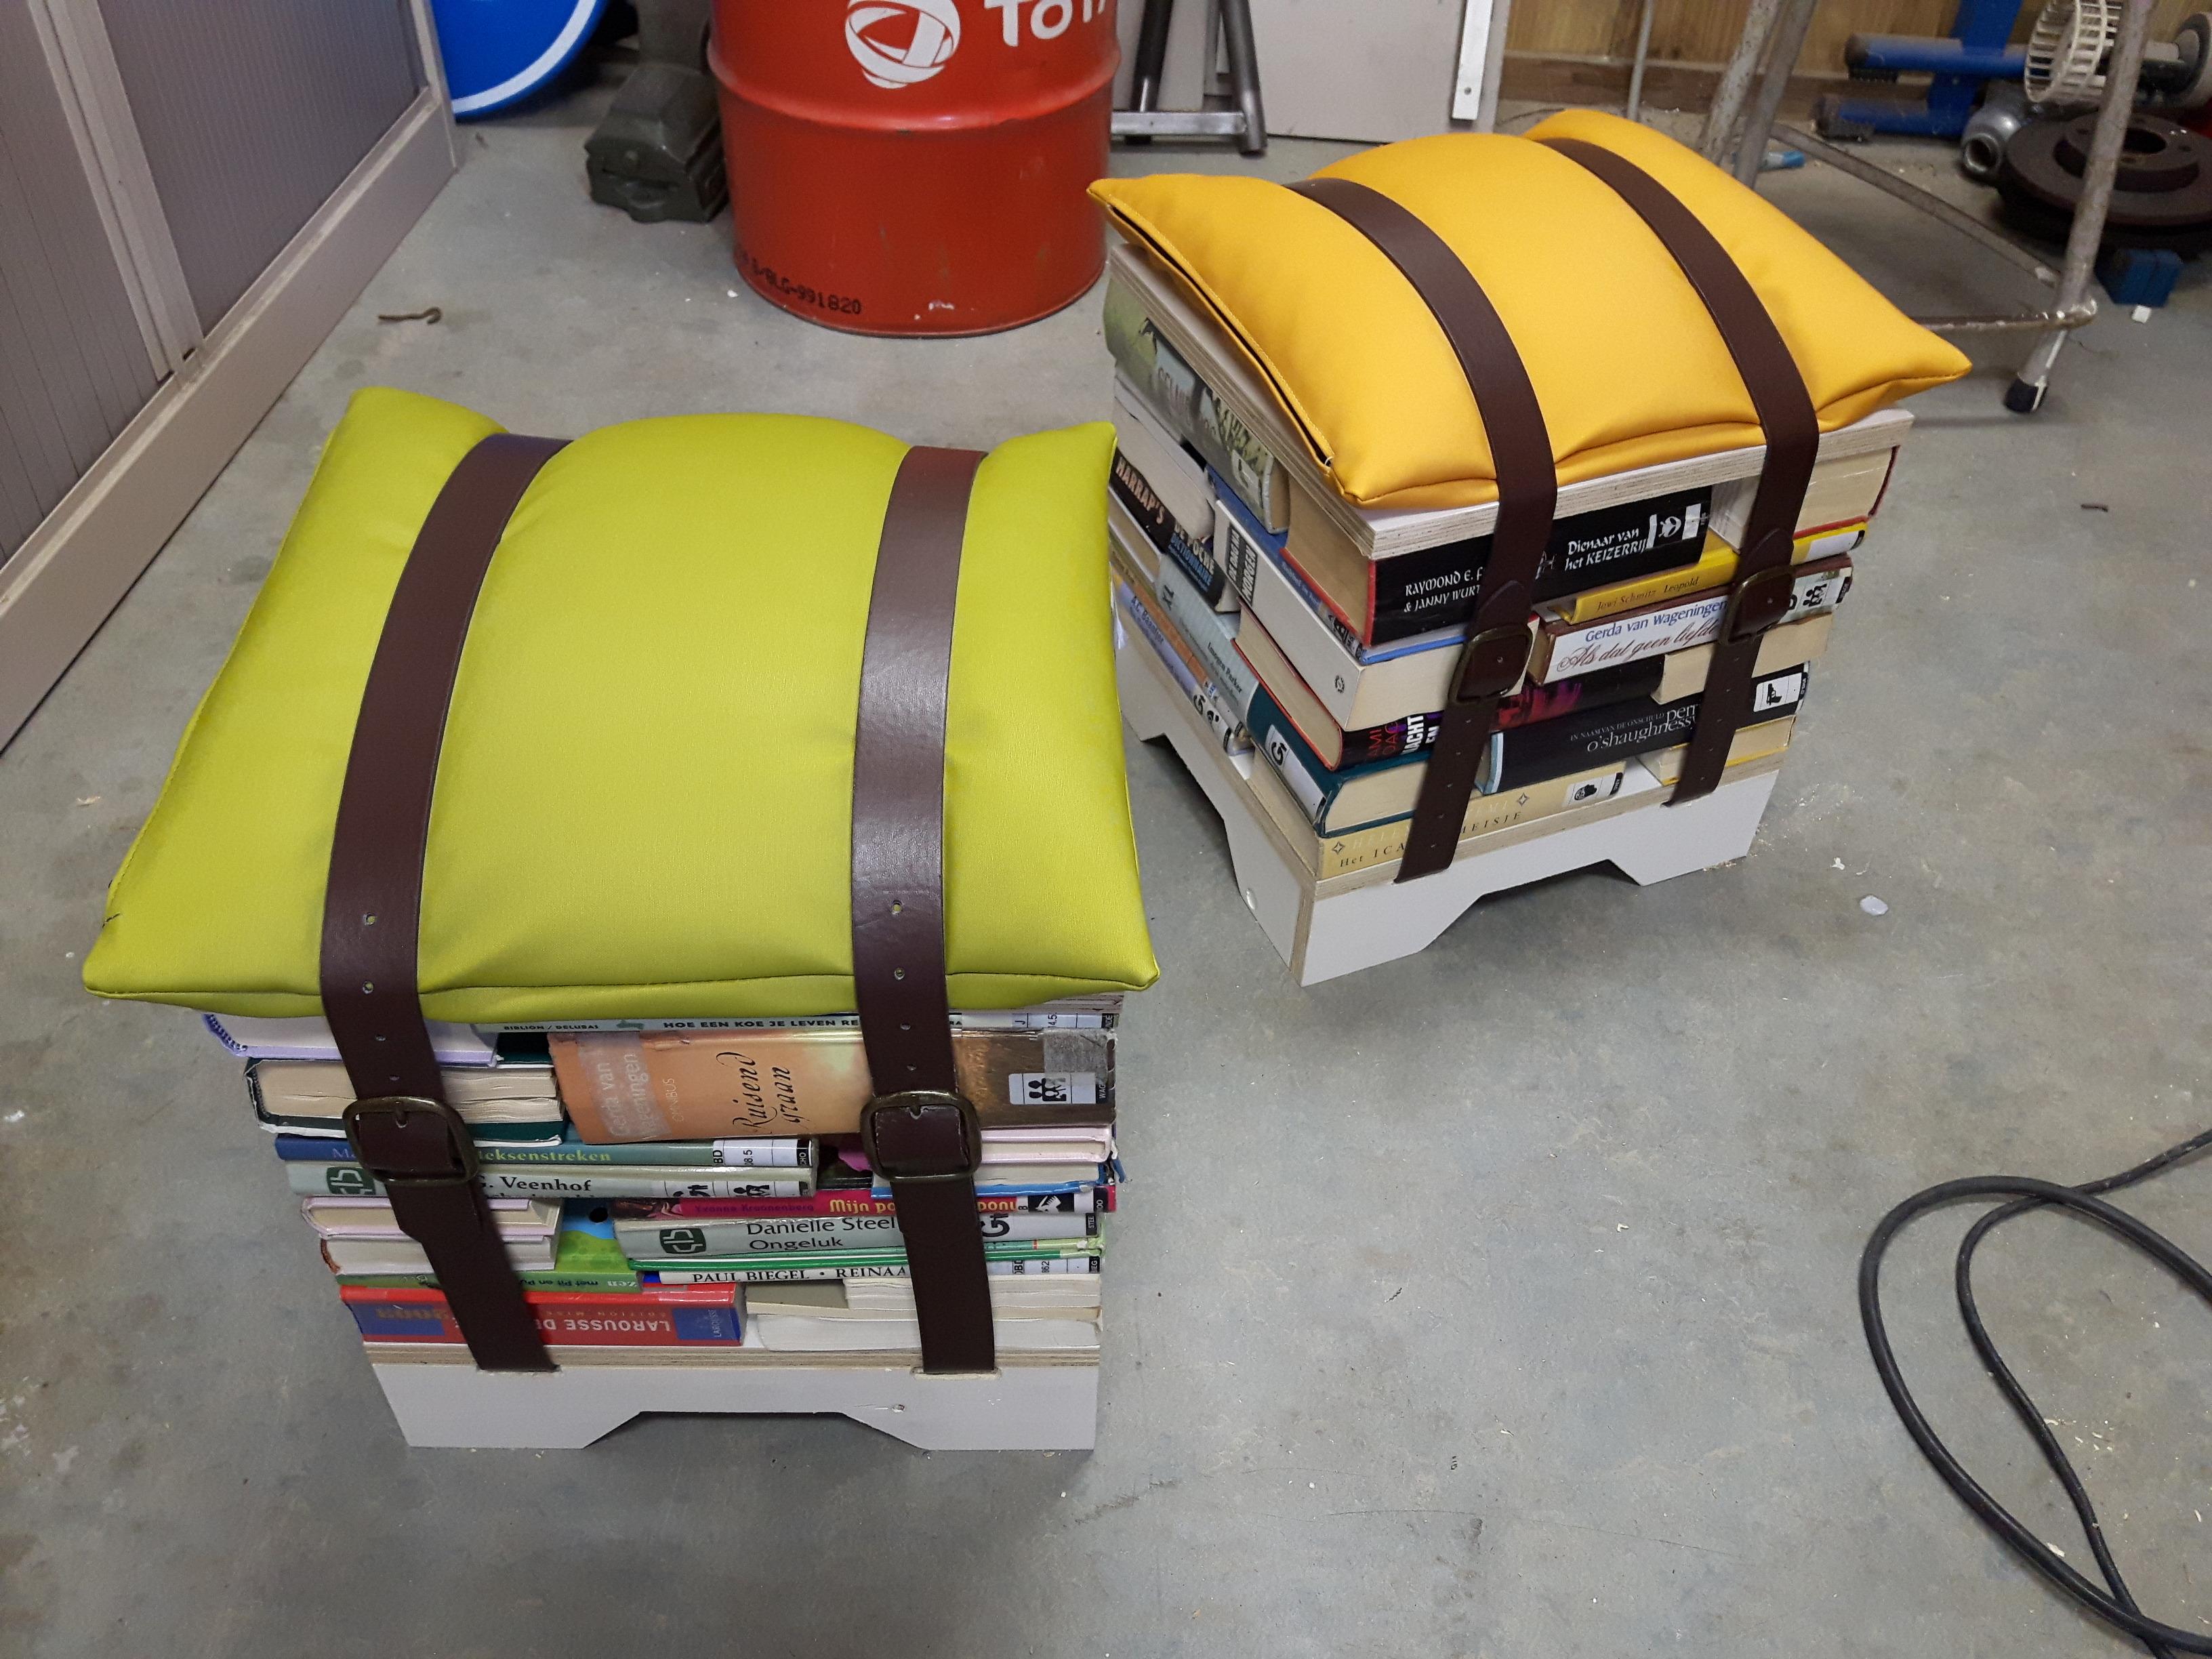 Boekenkrukjes voor ZB|Bibliotheek Vlissingen.